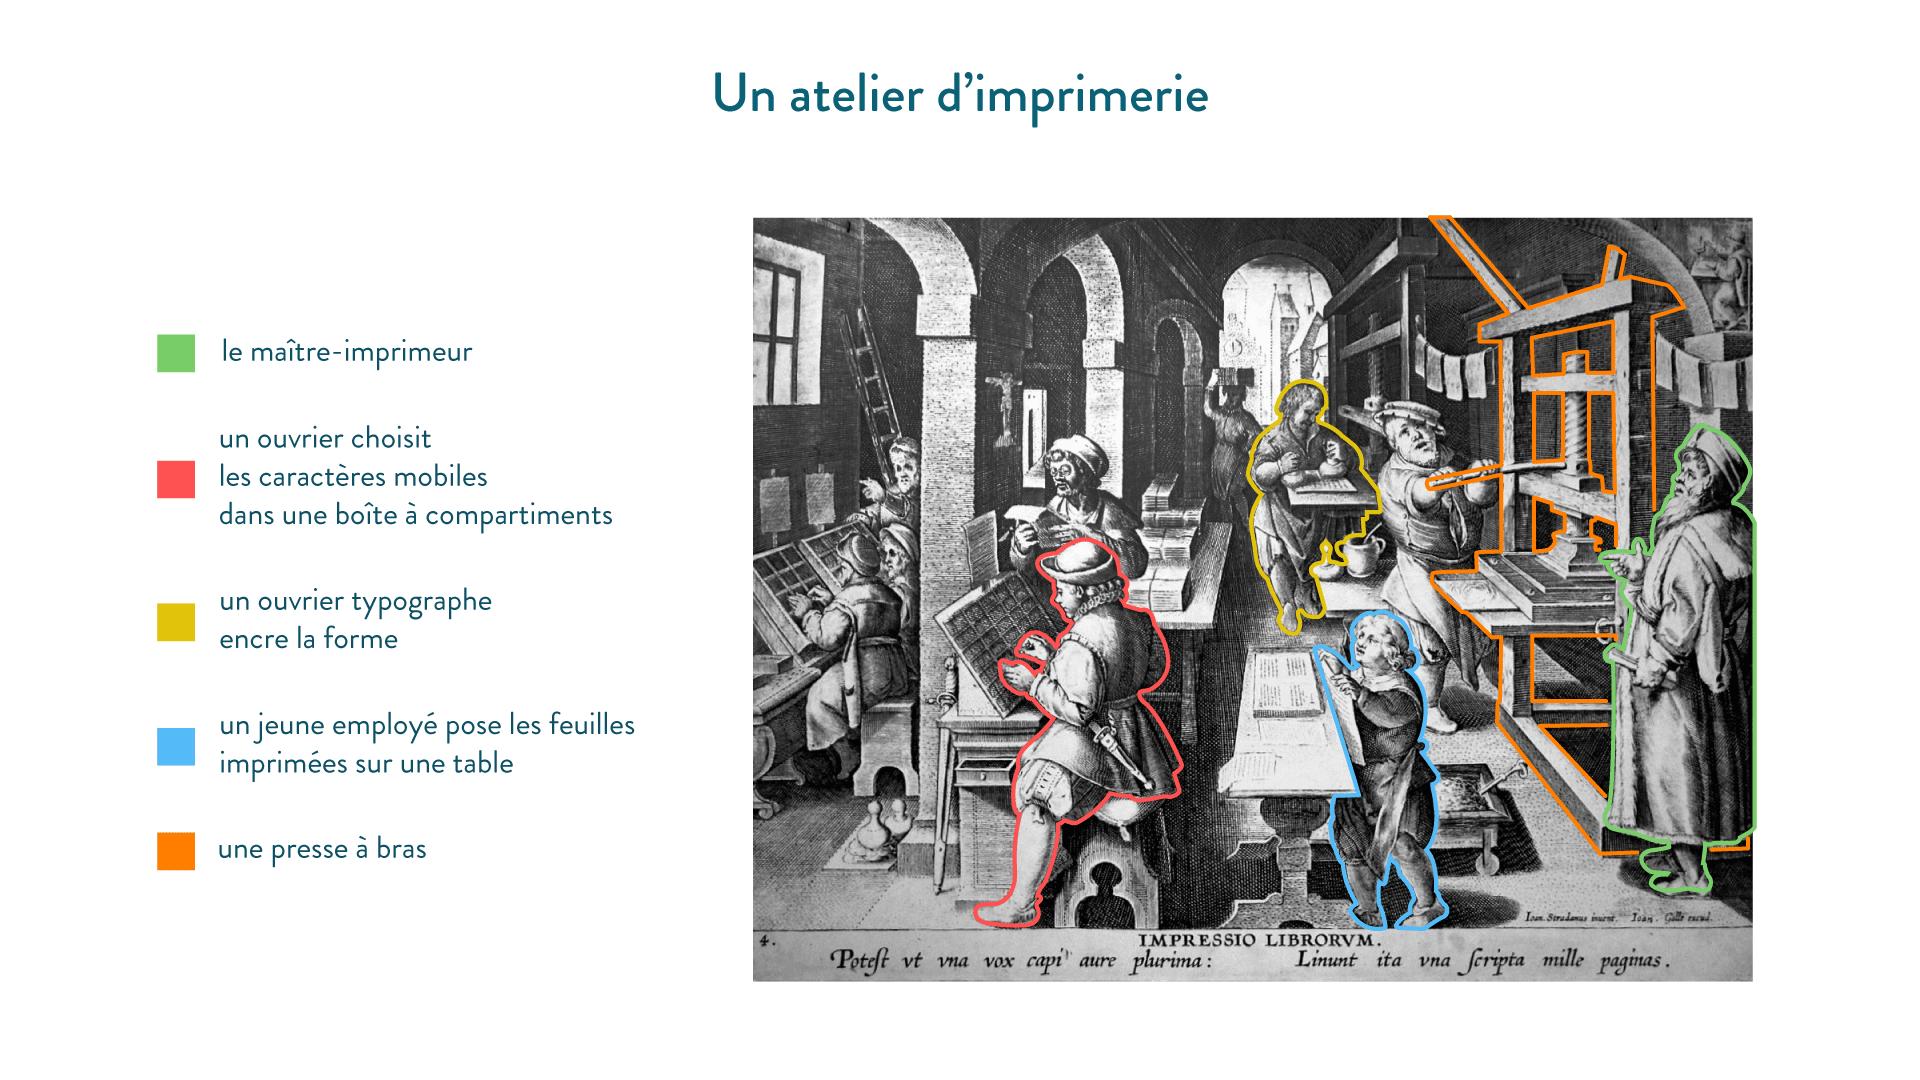 Un atelier d'impression au XVIe siècle - histoire - 2de - schoolmouv